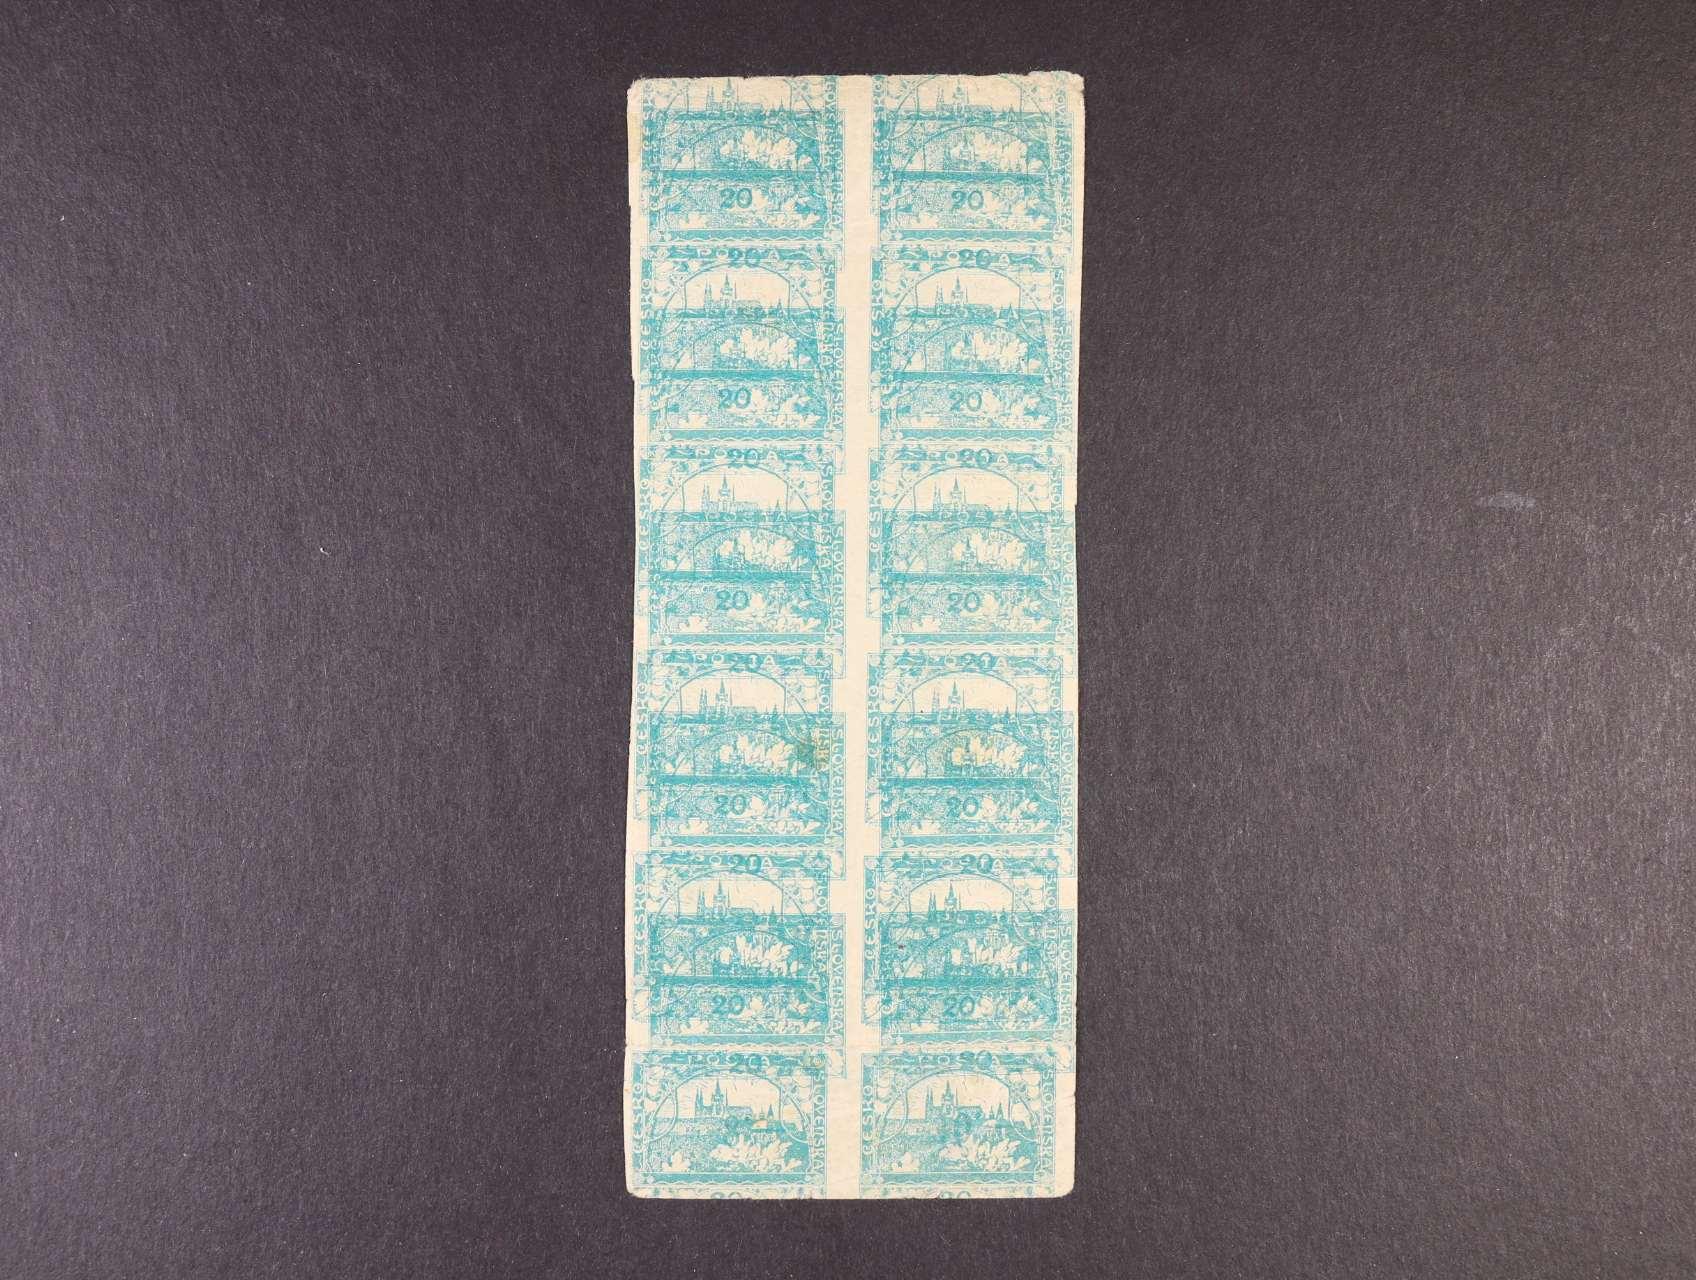 zn. č. 8 ve svislém 12ti-bloku s dvojitým tiskem, kvalita k prohlédnutí